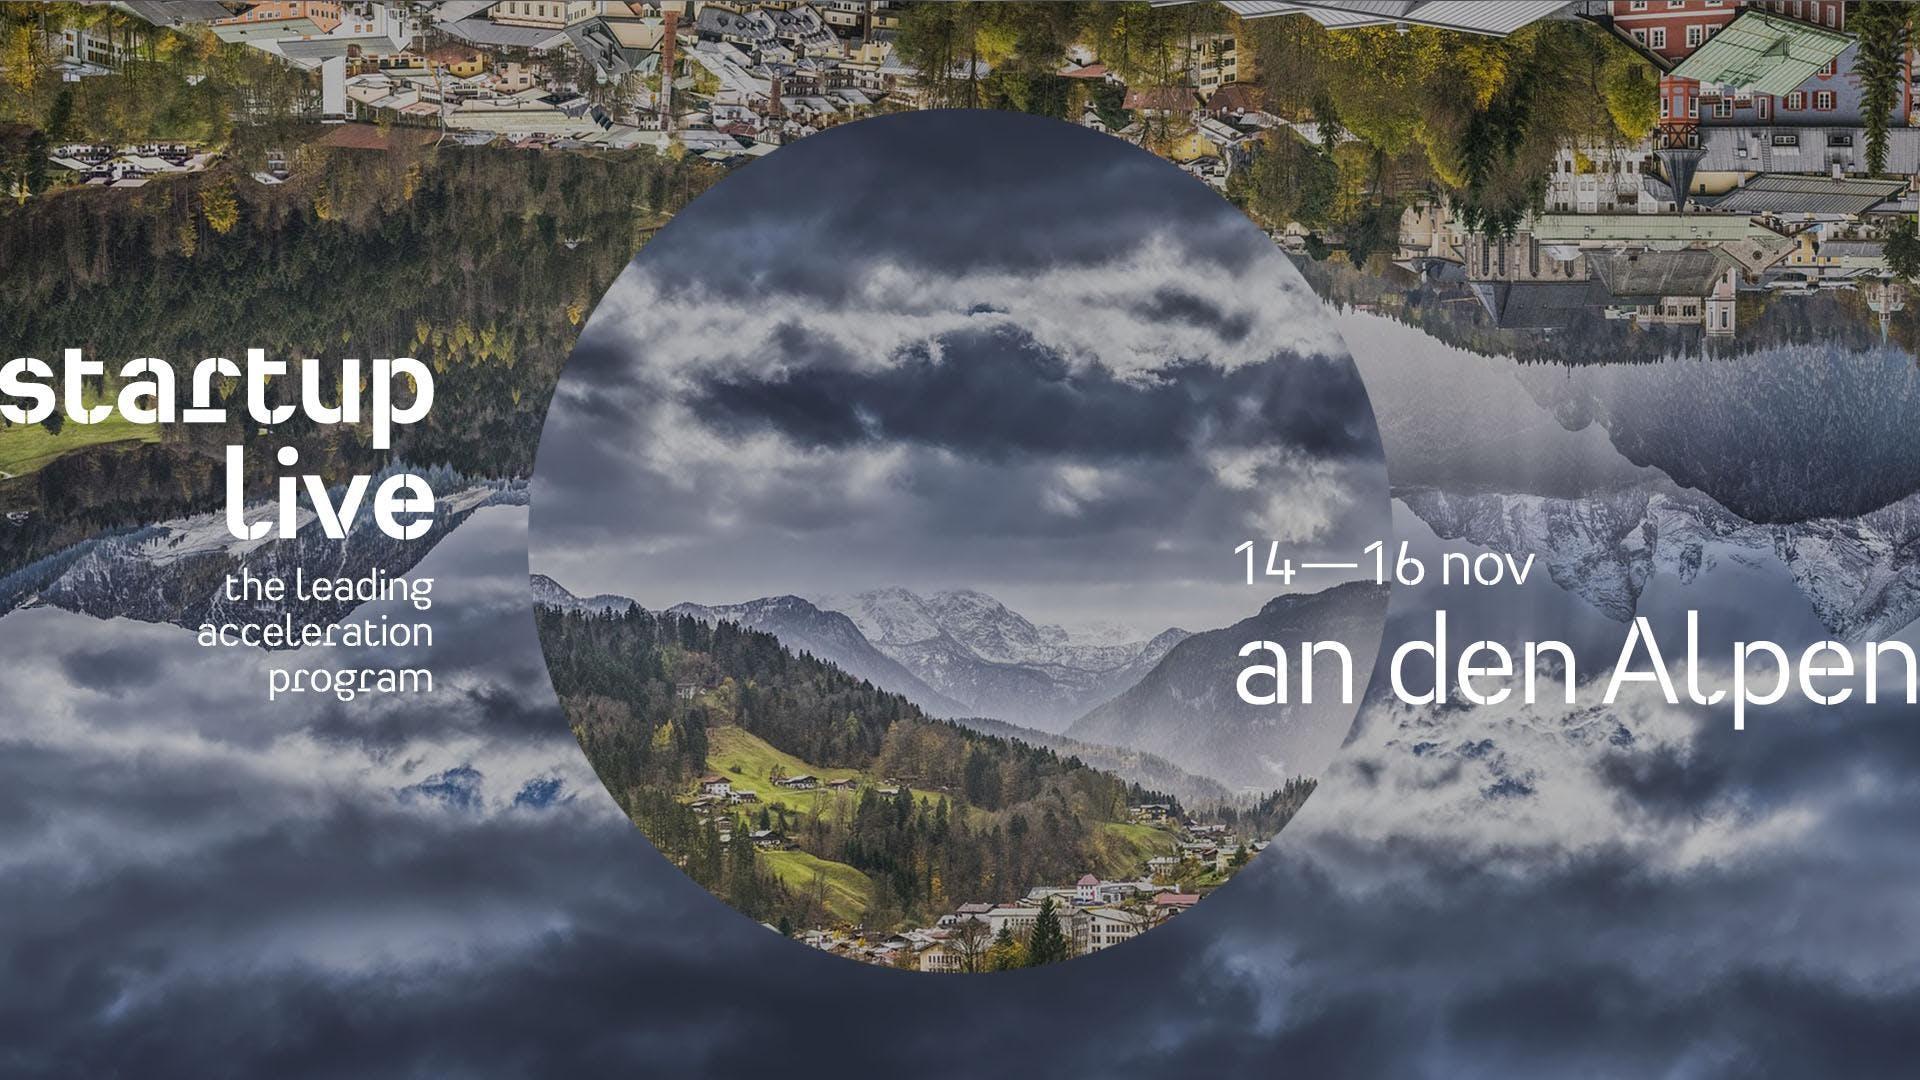 Startup Live an den Alpen